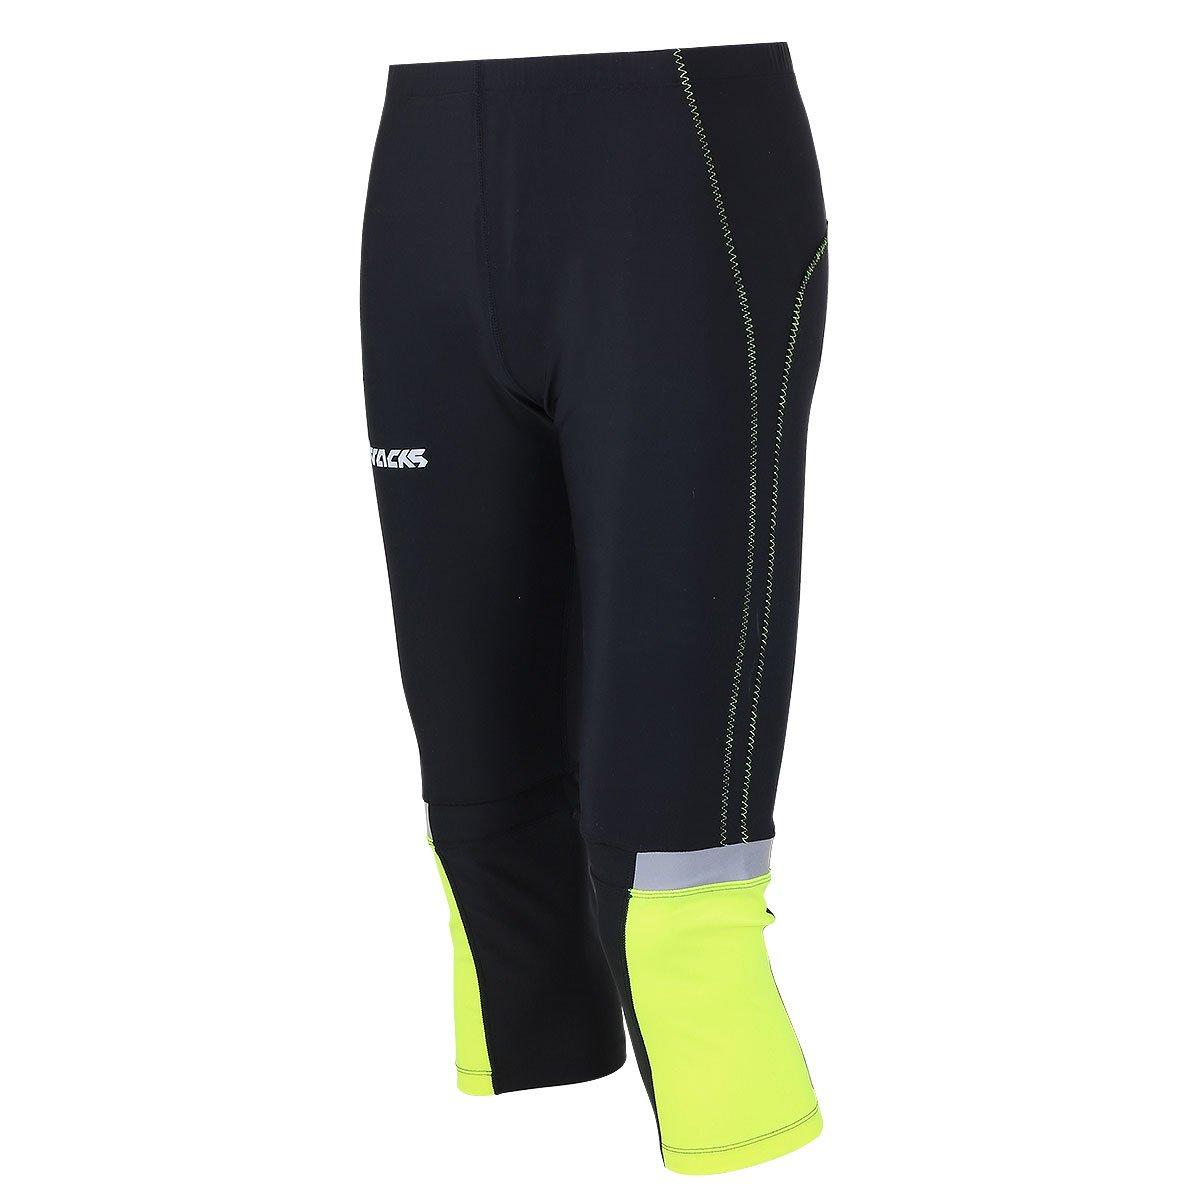 AIRTRACKS funktions Pantalon de Course 3/4Long/de Compression Tight réflecteurs Running/Respirant/Noir Fluo